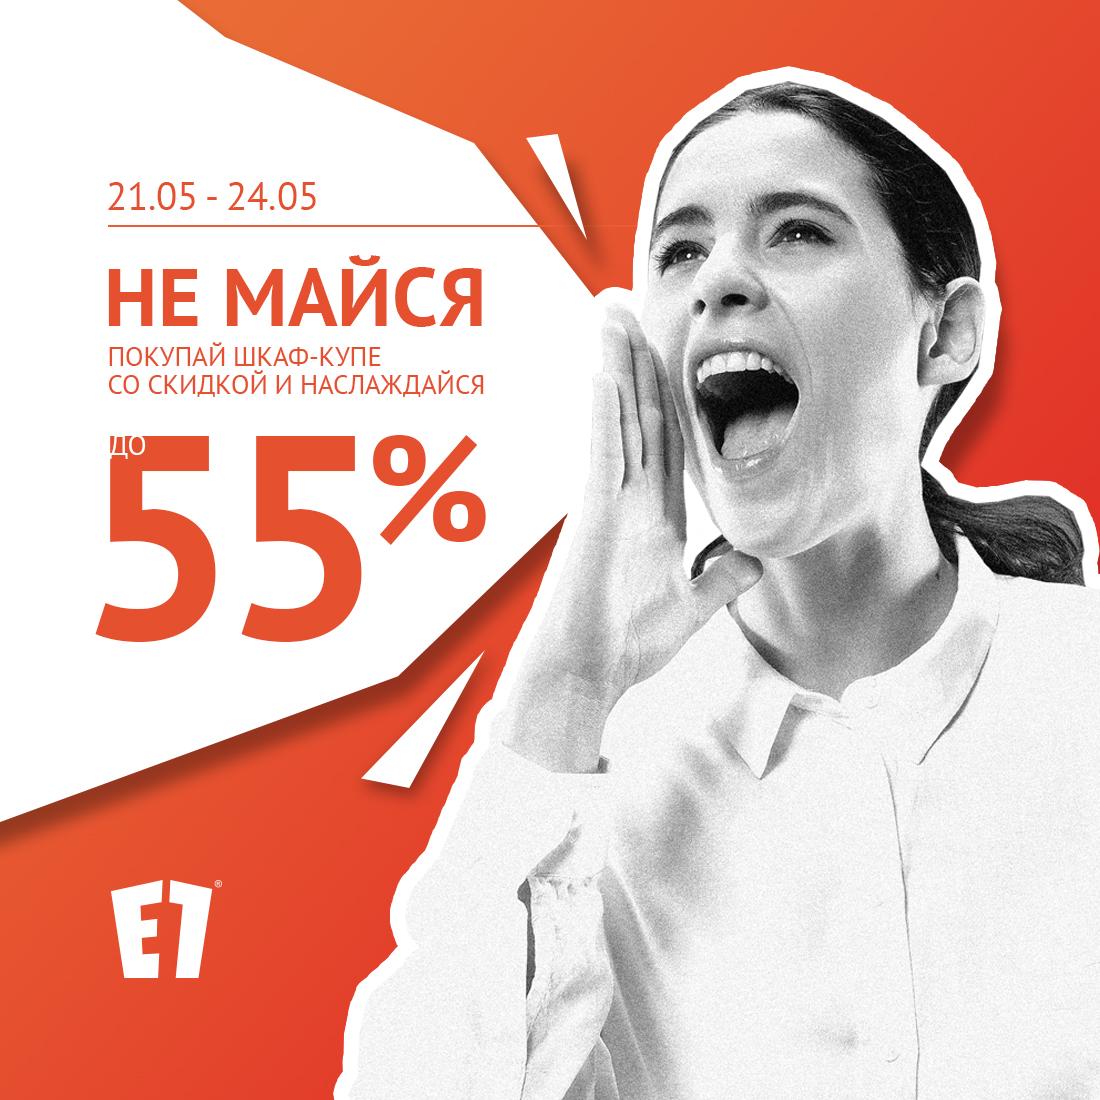 Не майся! Покупай шкаф в Е1 со скидкой до 55% и наслаждайся!